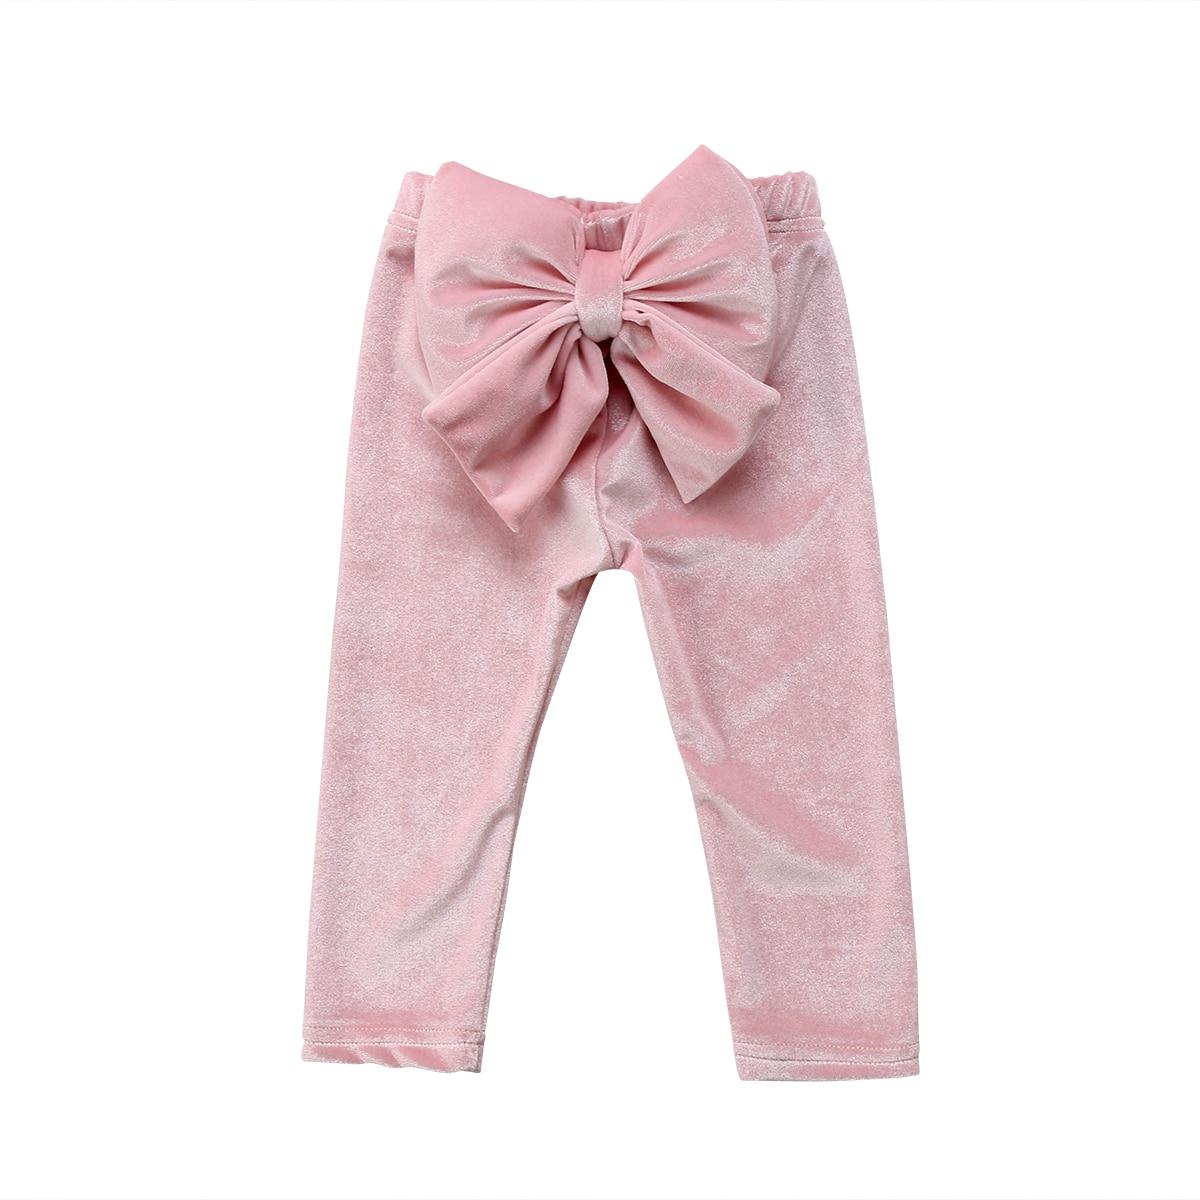 Gut Ausgebildete 2018 Kleinkind Kinder Baby Mädchen Großen Bowknot Pleuche Böden Hosen Kinder Mädchen Winter Leggings Kleidung Mädchen Kleidung